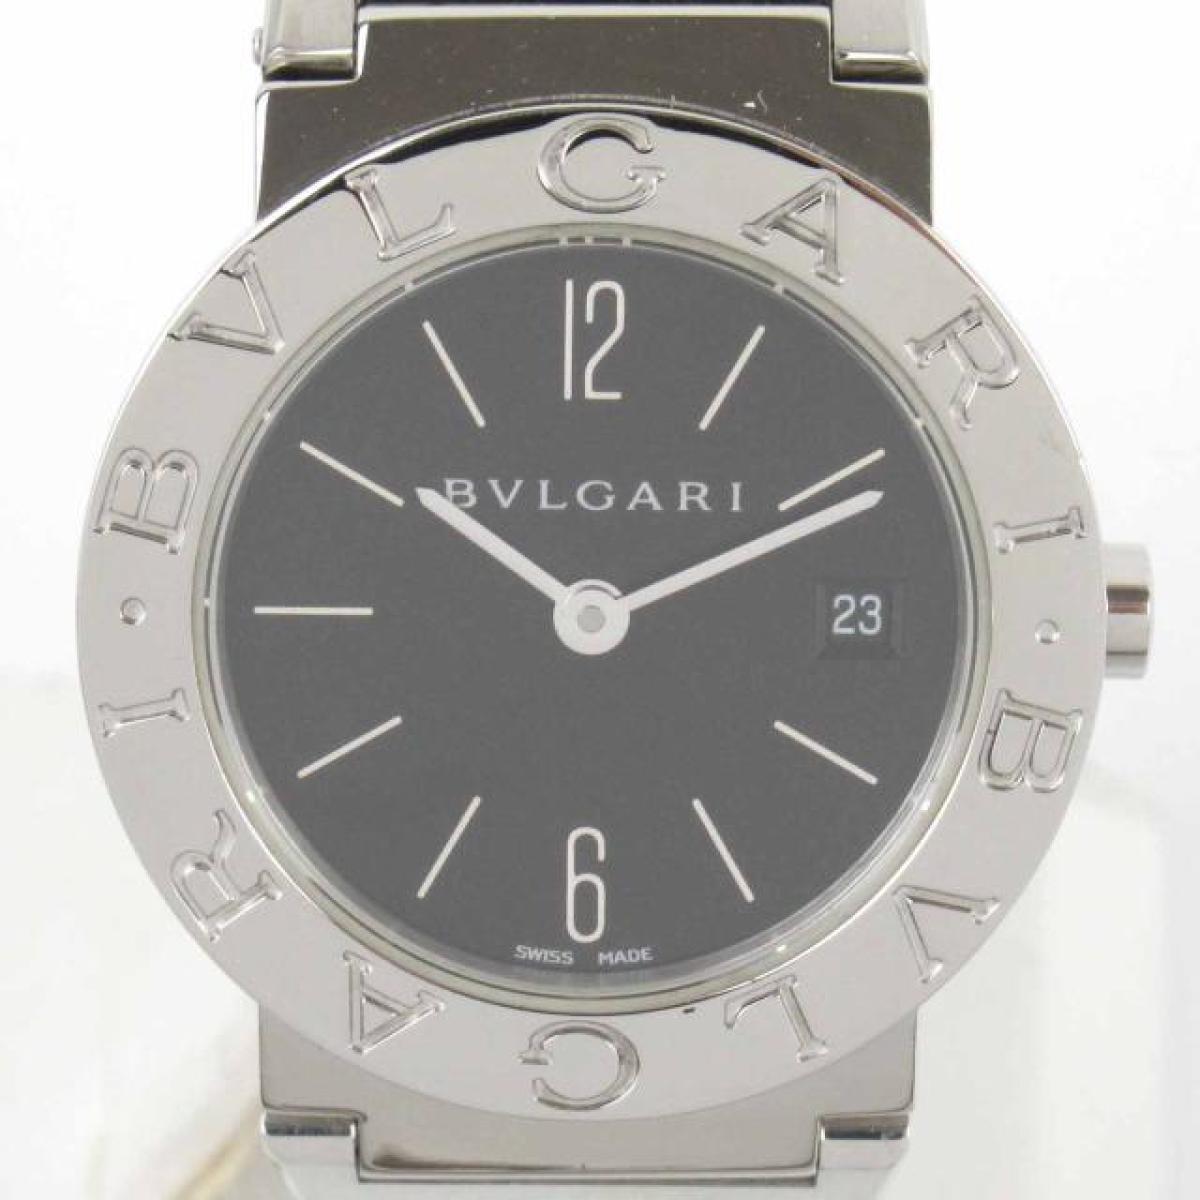 【中古】 ブルガリ ウォッチ 腕時計 レディース ステンレススチール (SS) (BB26SS) | BVLGARI BRANDOFF ブランドオフ ブランド ブランド時計 ブランド腕時計 時計